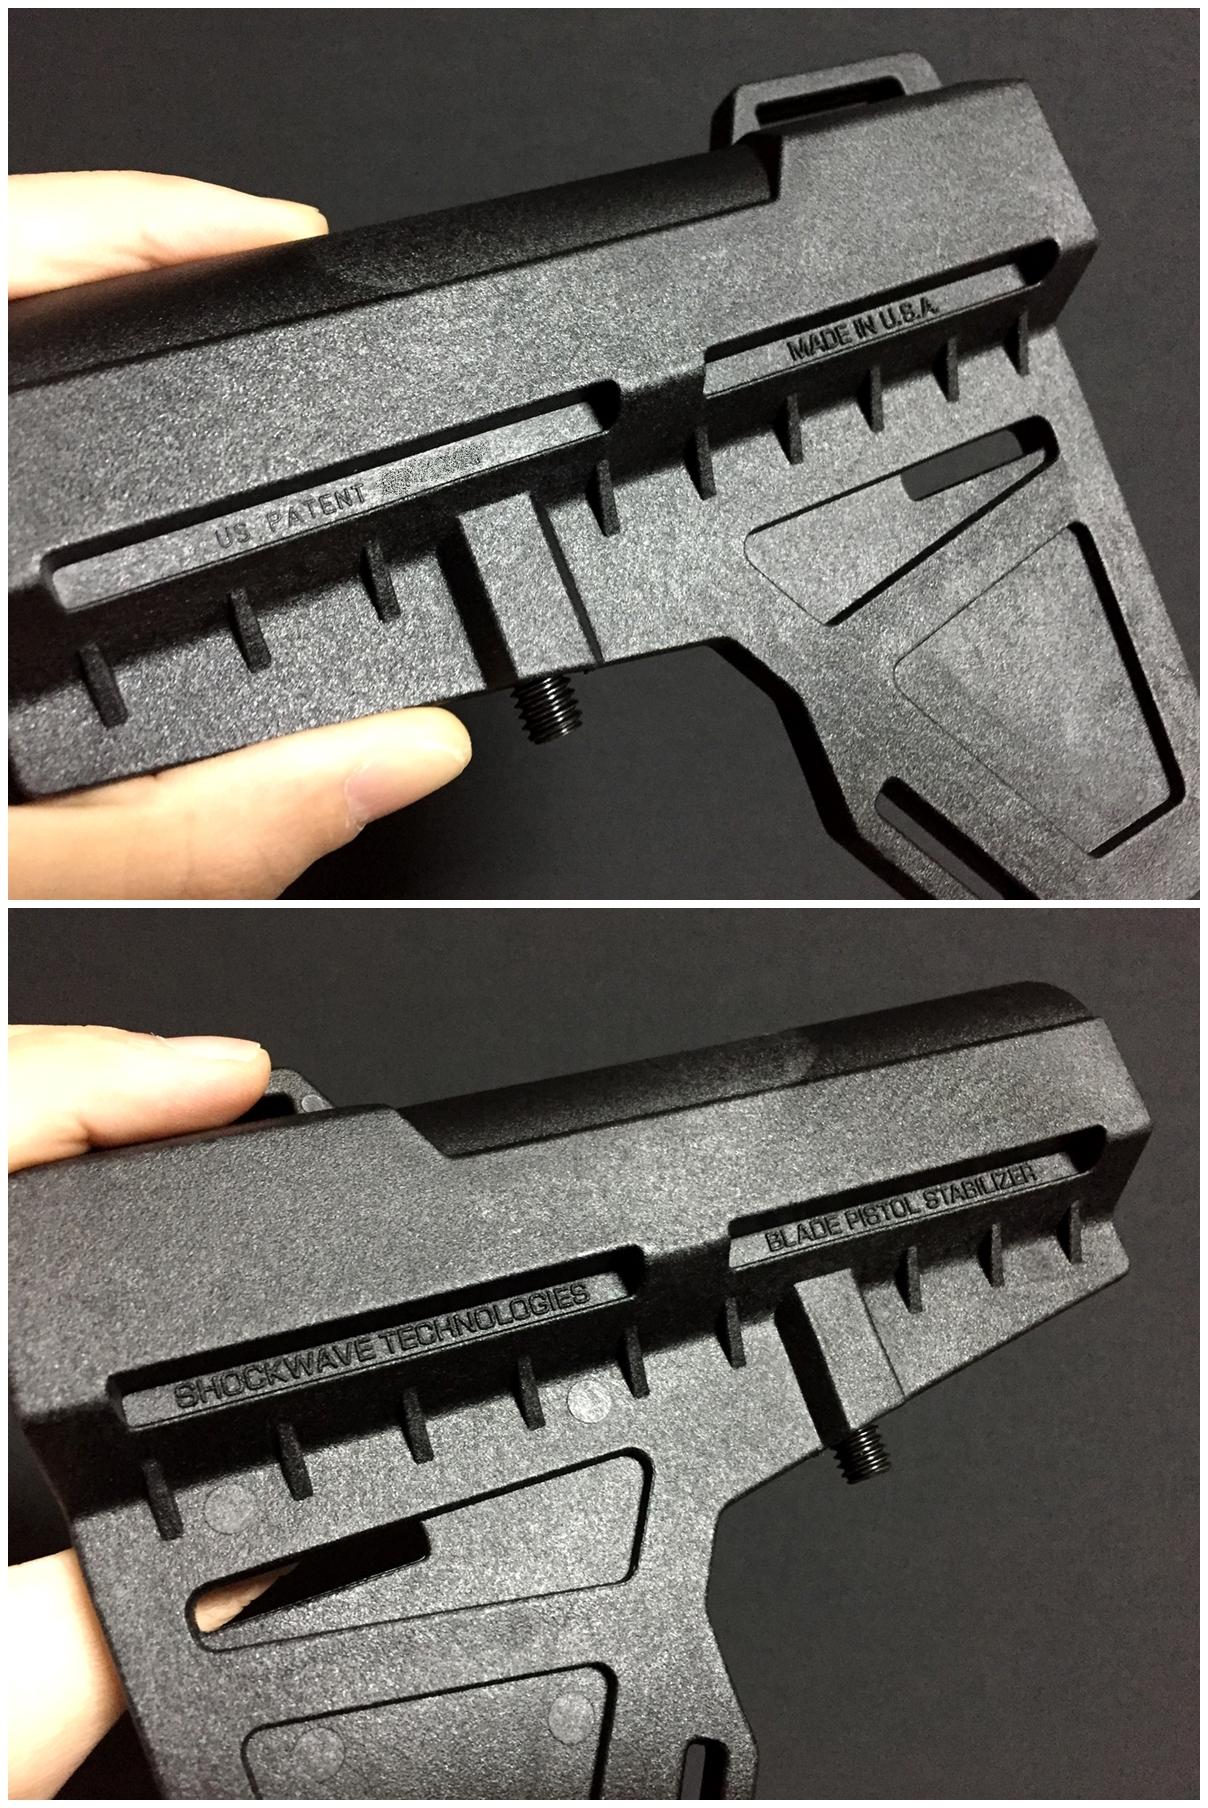 5 実物 KAK Industry LLC Shockwave Blade Pistol Stabilizer ショックウェーブ ブレード ピストル スタビライザー ストック